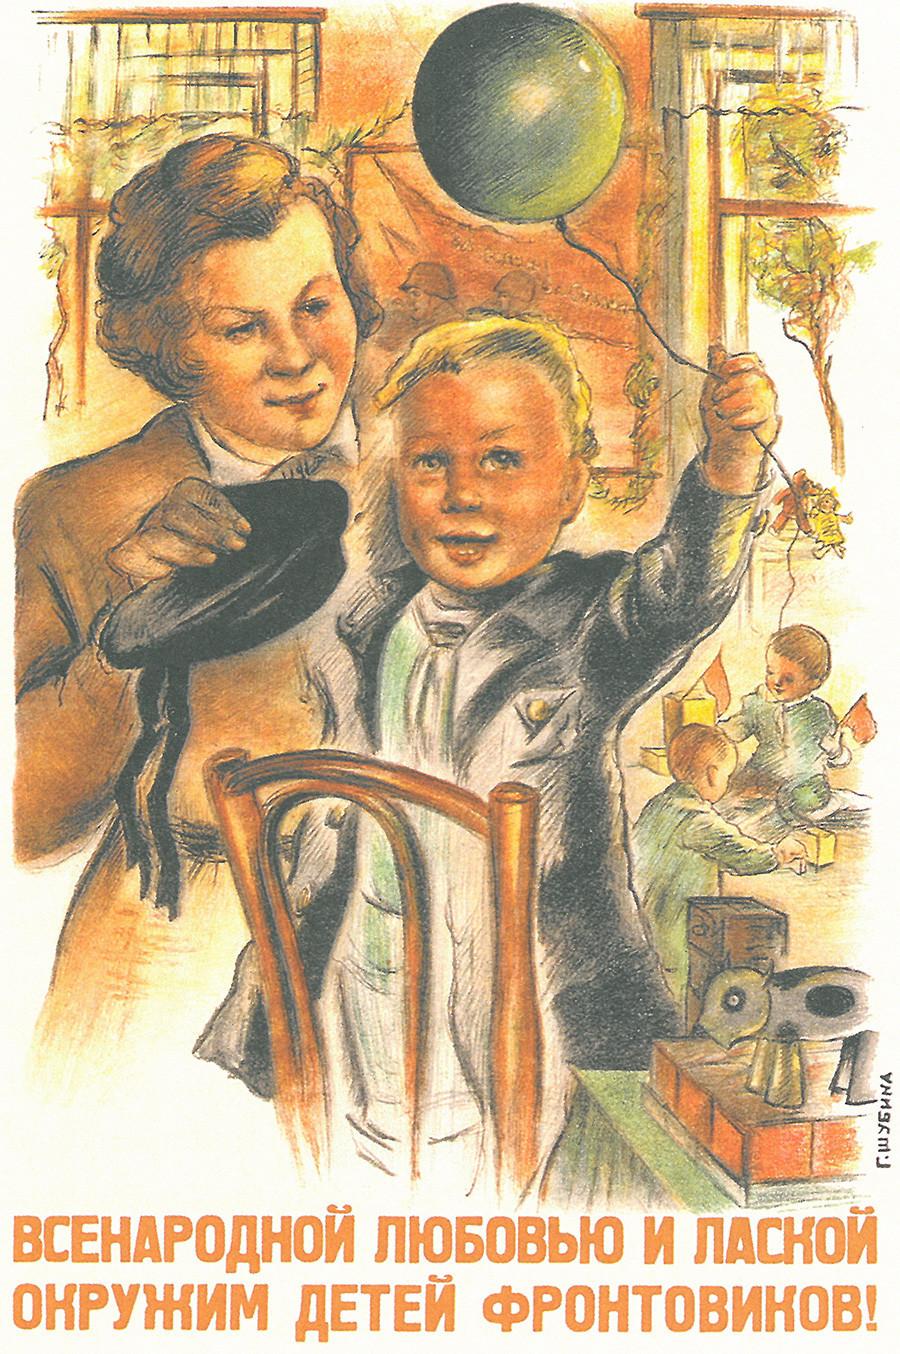 """""""Circondiamo con amore e cura i figli di chi è al fronte!"""" (1944)"""